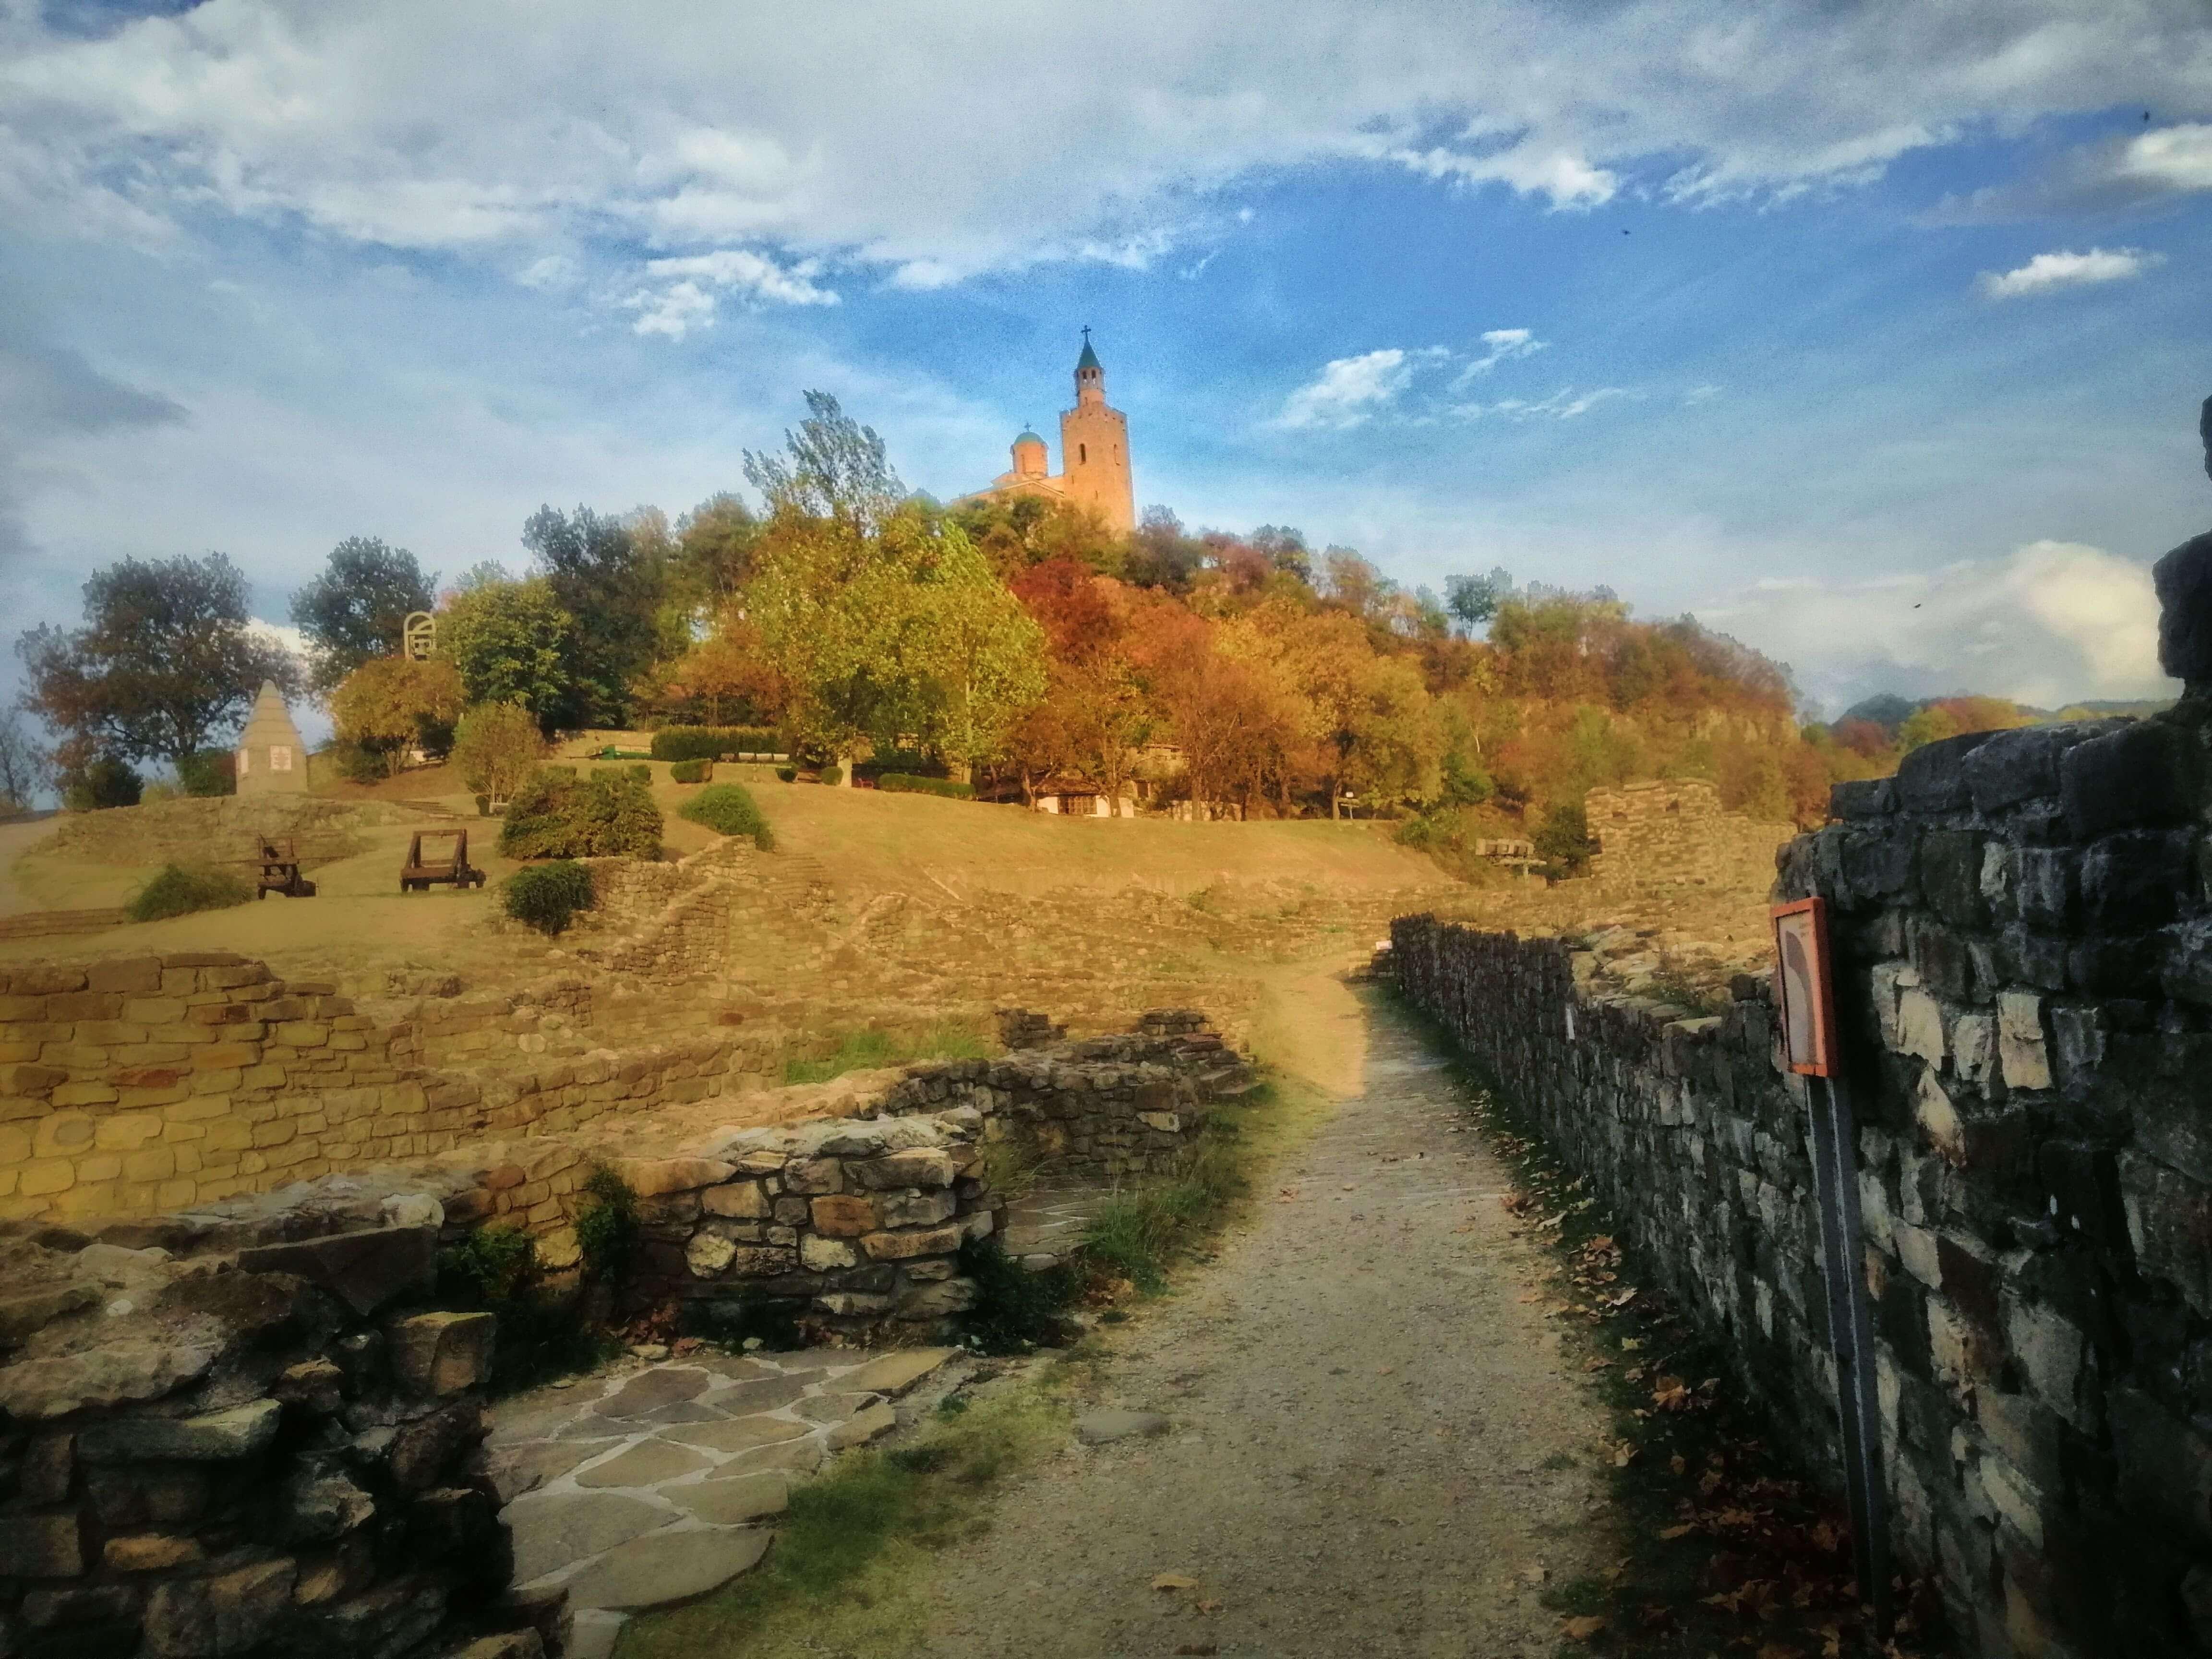 石壁と奥に見える教会